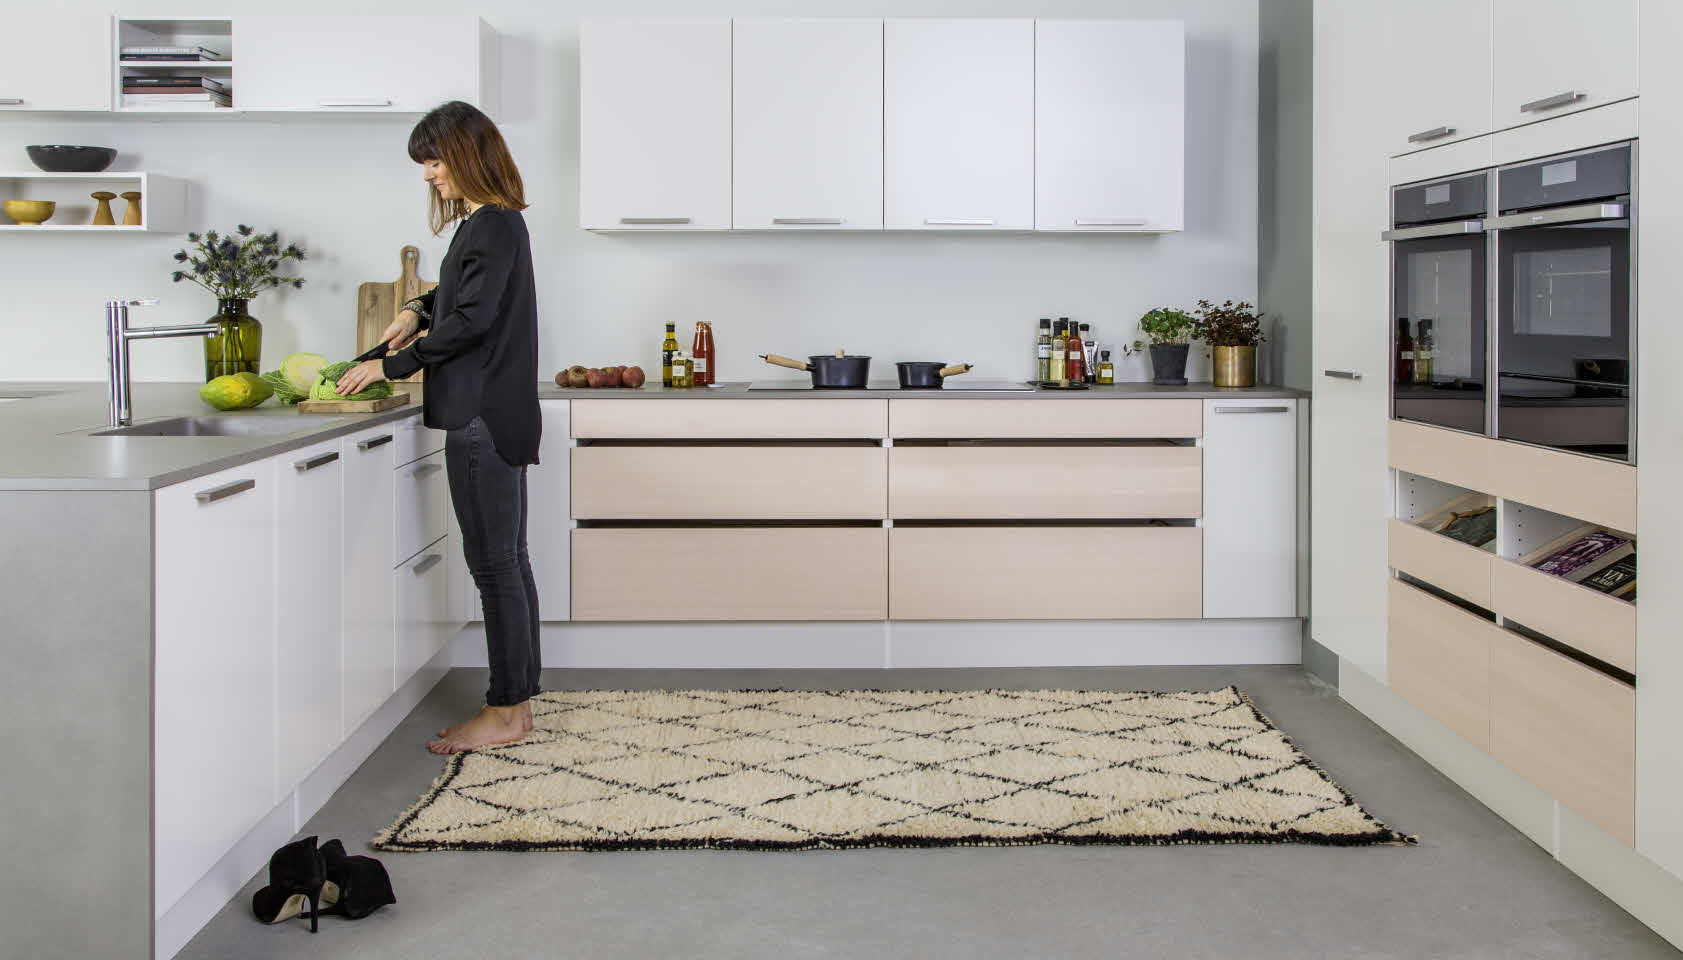 cocina en color gris y blanco